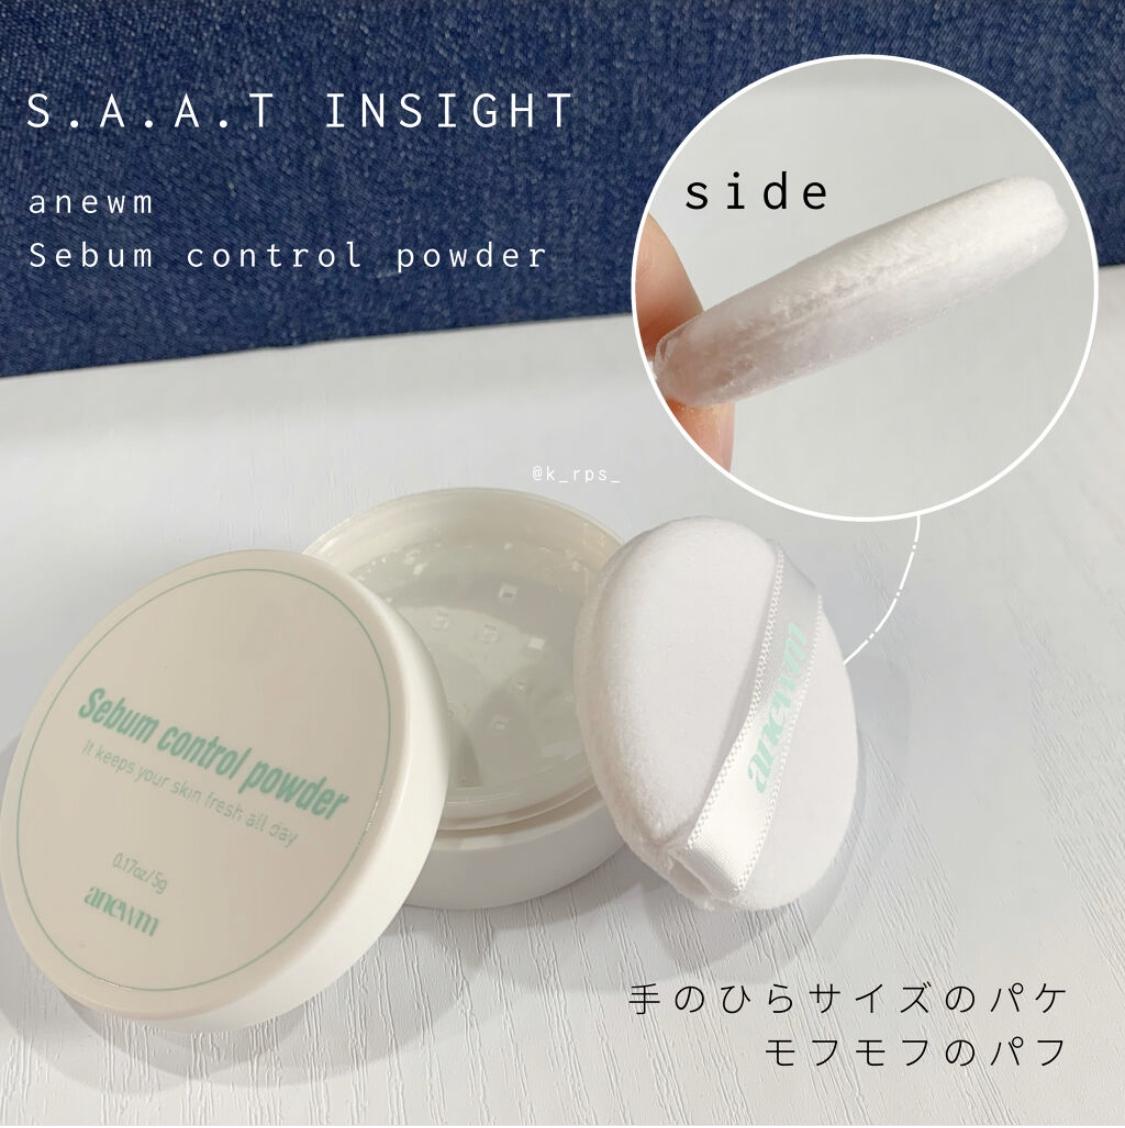 SAAT INSIGHT(サートインサイト) アニューム セバム コントロール パウダーを使ったKeiさんのクチコミ画像2